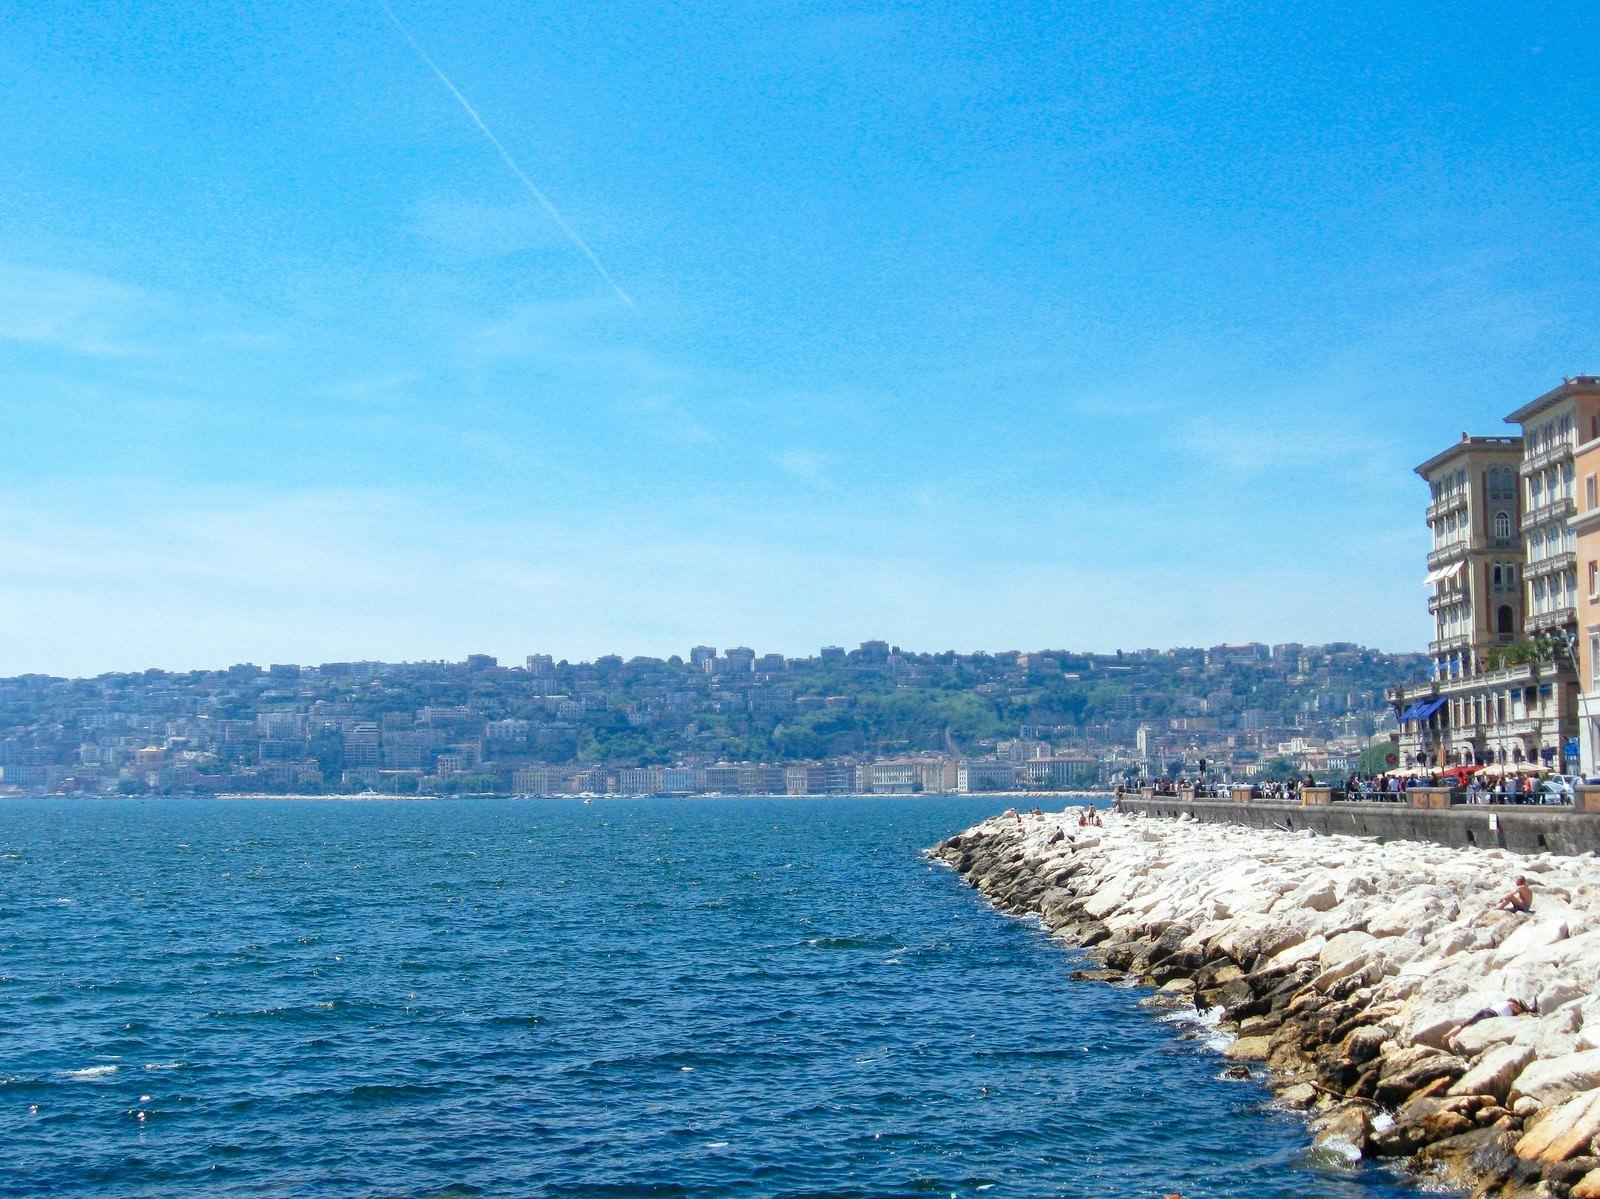 「ナポリの海と街並み(イタリア)」の写真